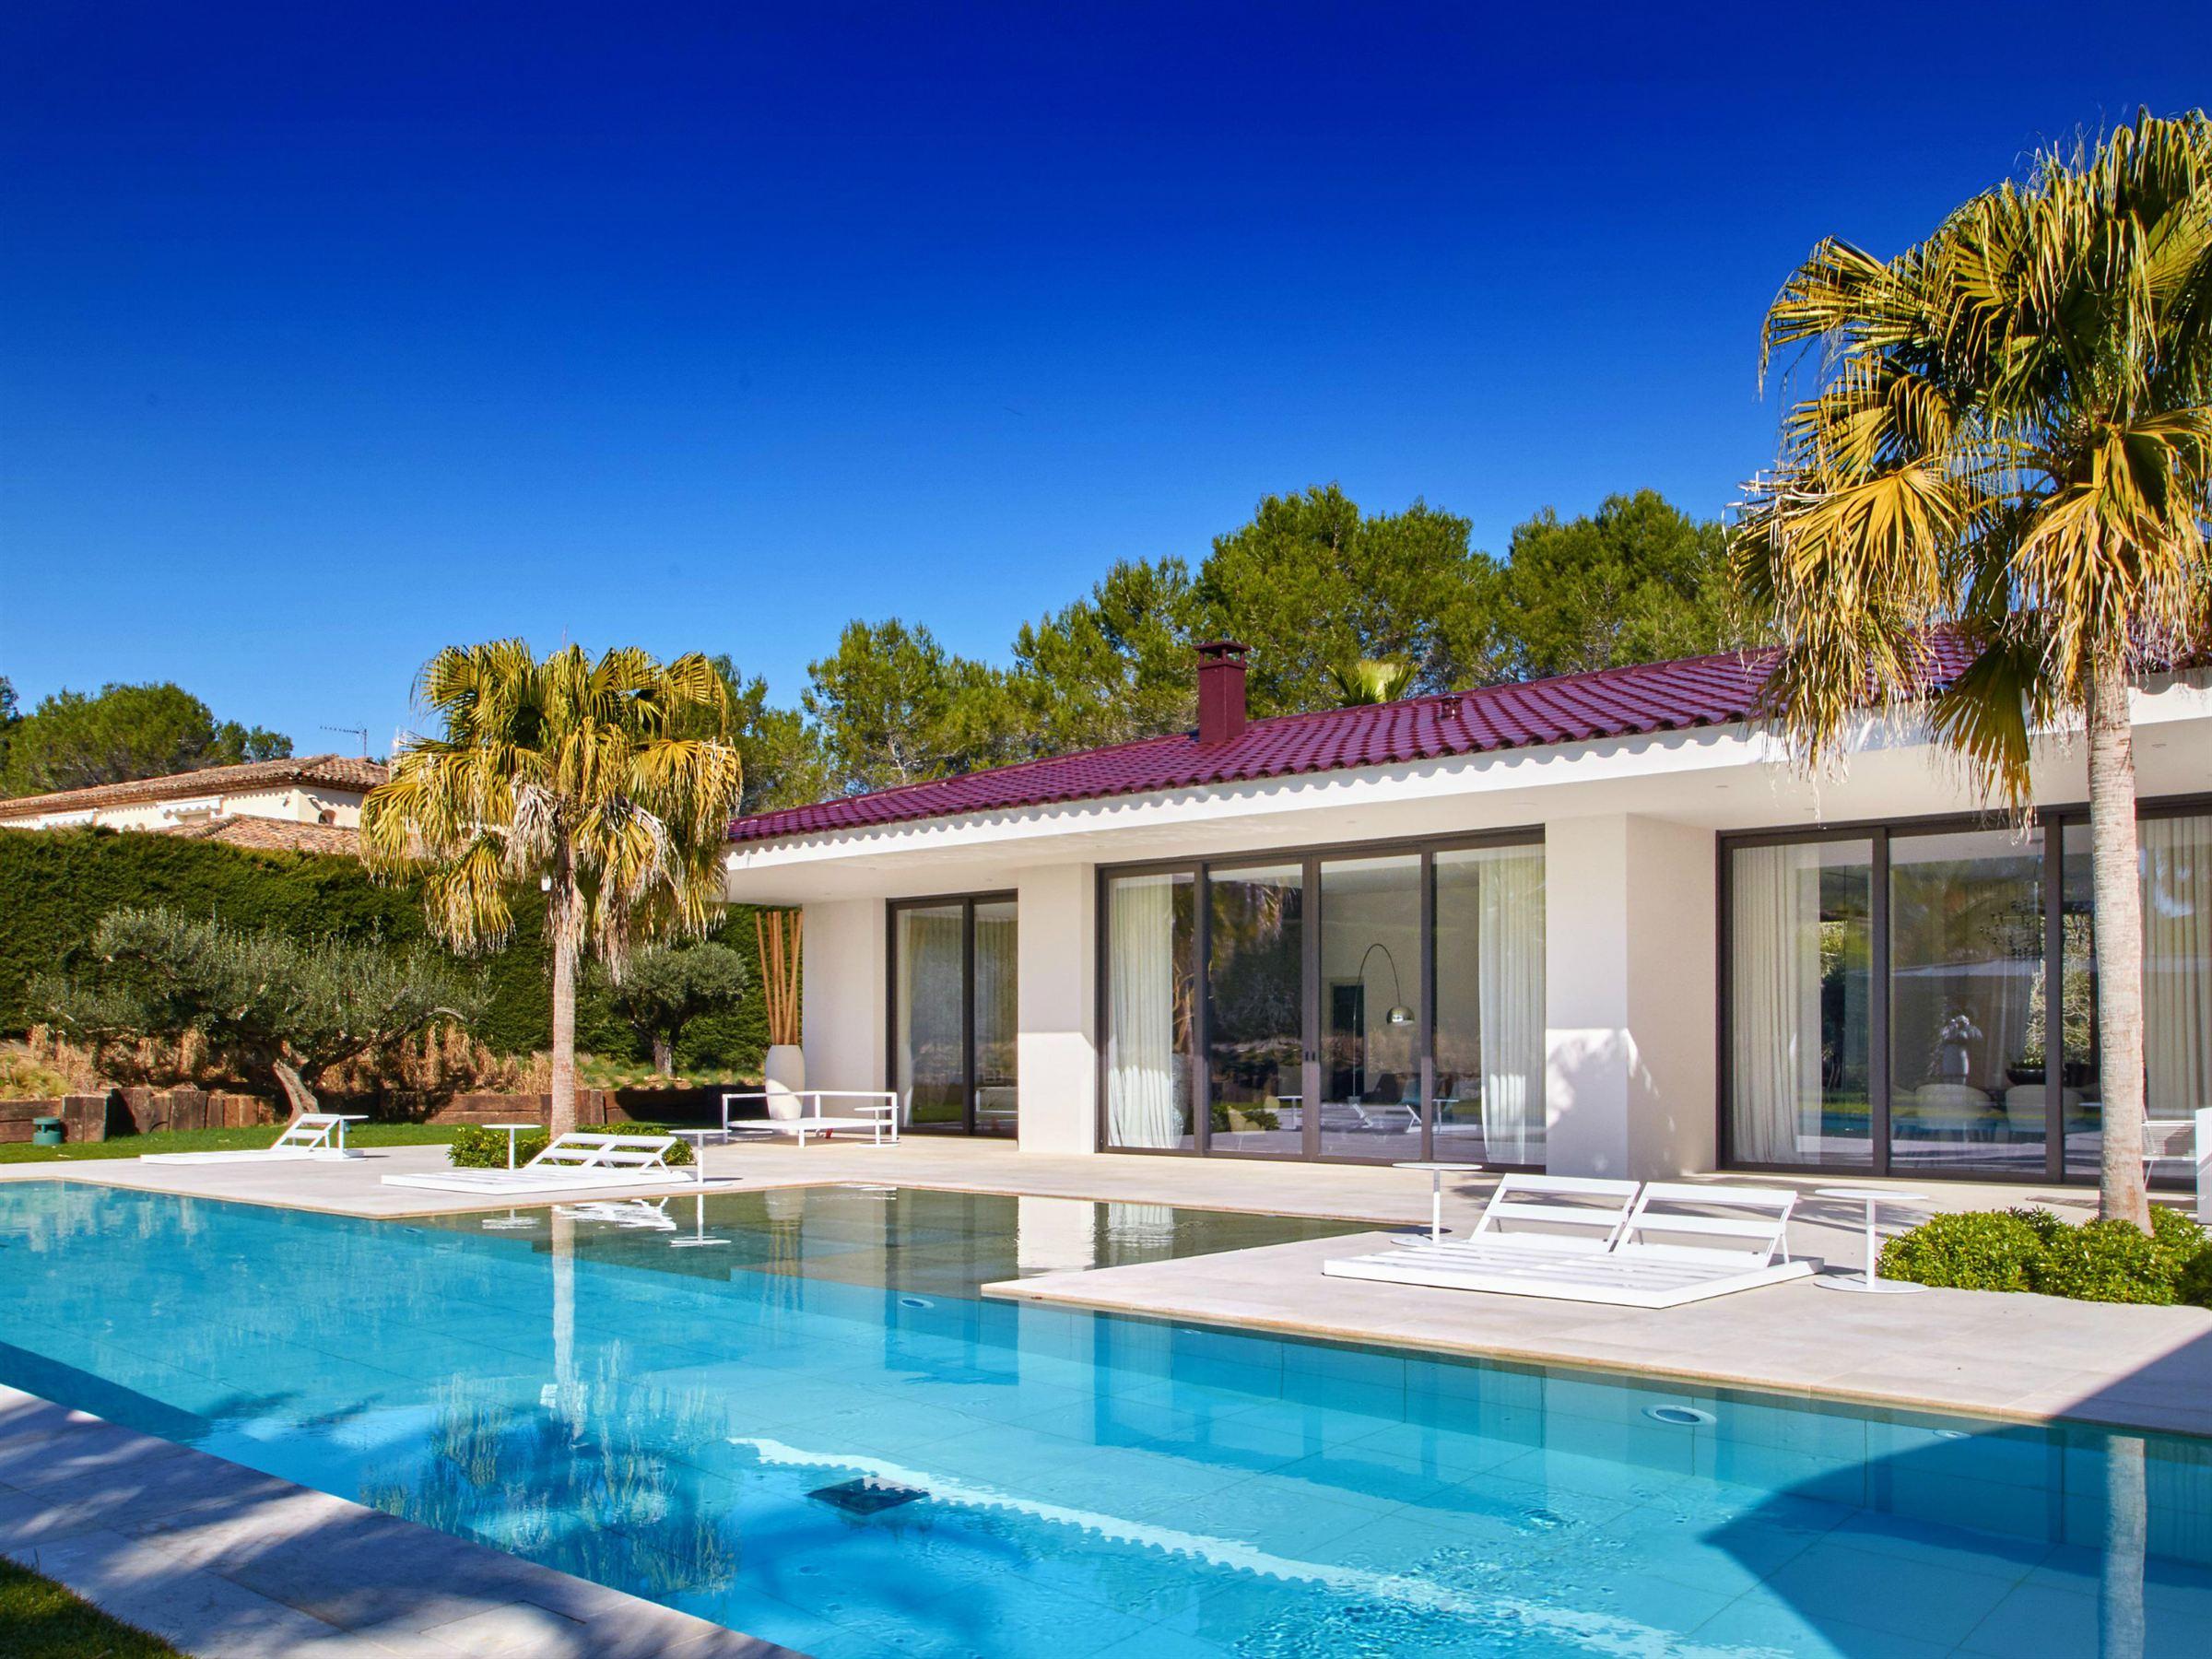 Villa per Vendita alle ore Mougins - Contemporary house for sale in a gated domain Mougins, Provenza-Alpi-Costa Azzurra 06250 Francia